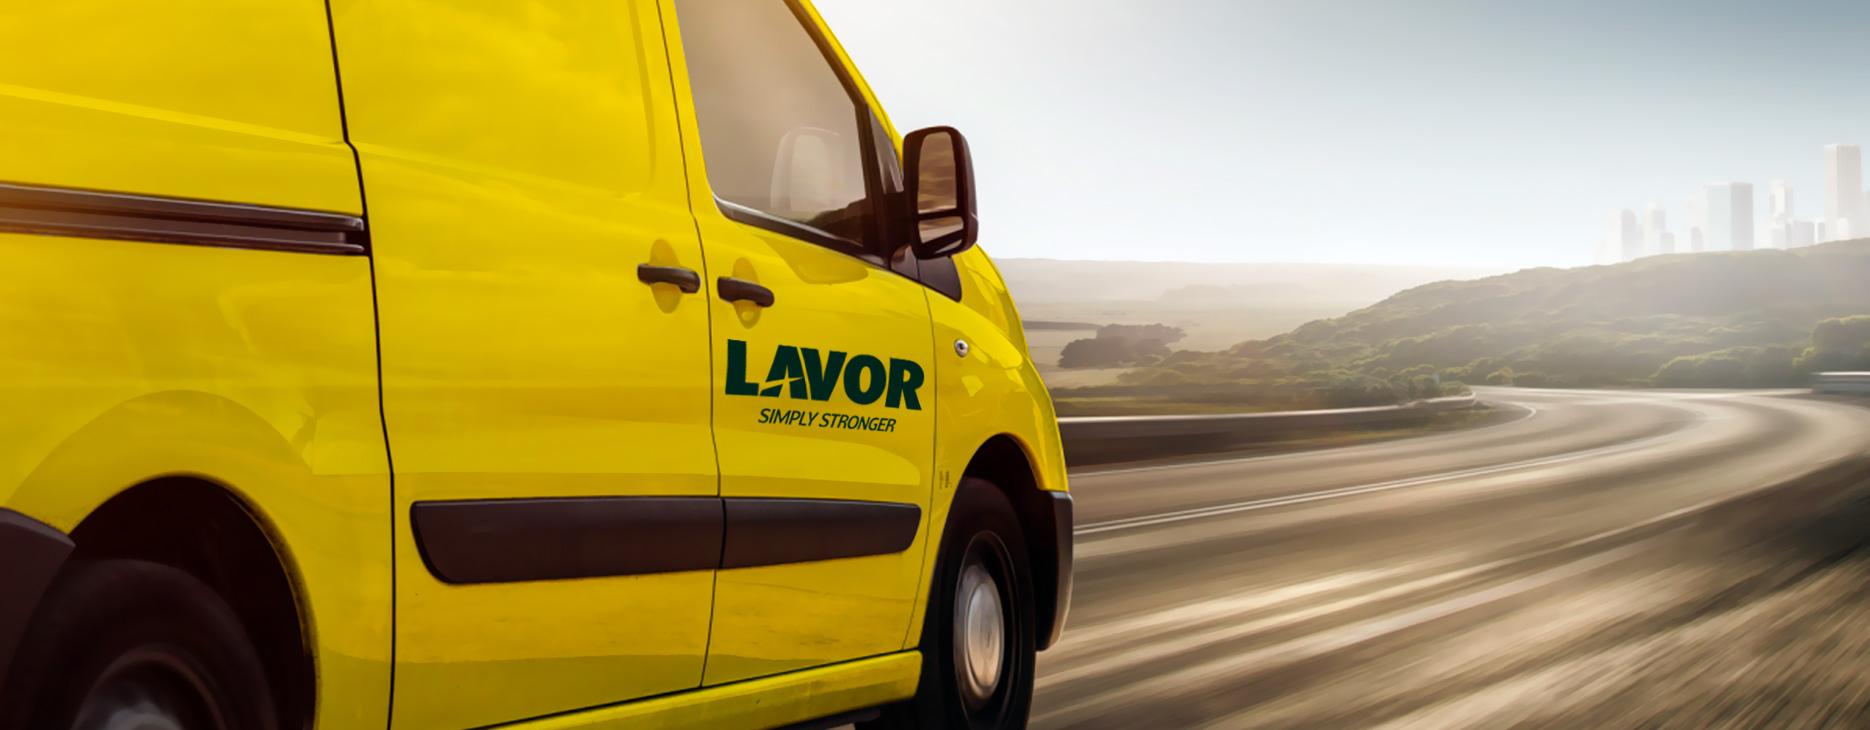 Servicio técnico Lavor Querétaro - Recolección y entrega de equipos Lavor Querétaro